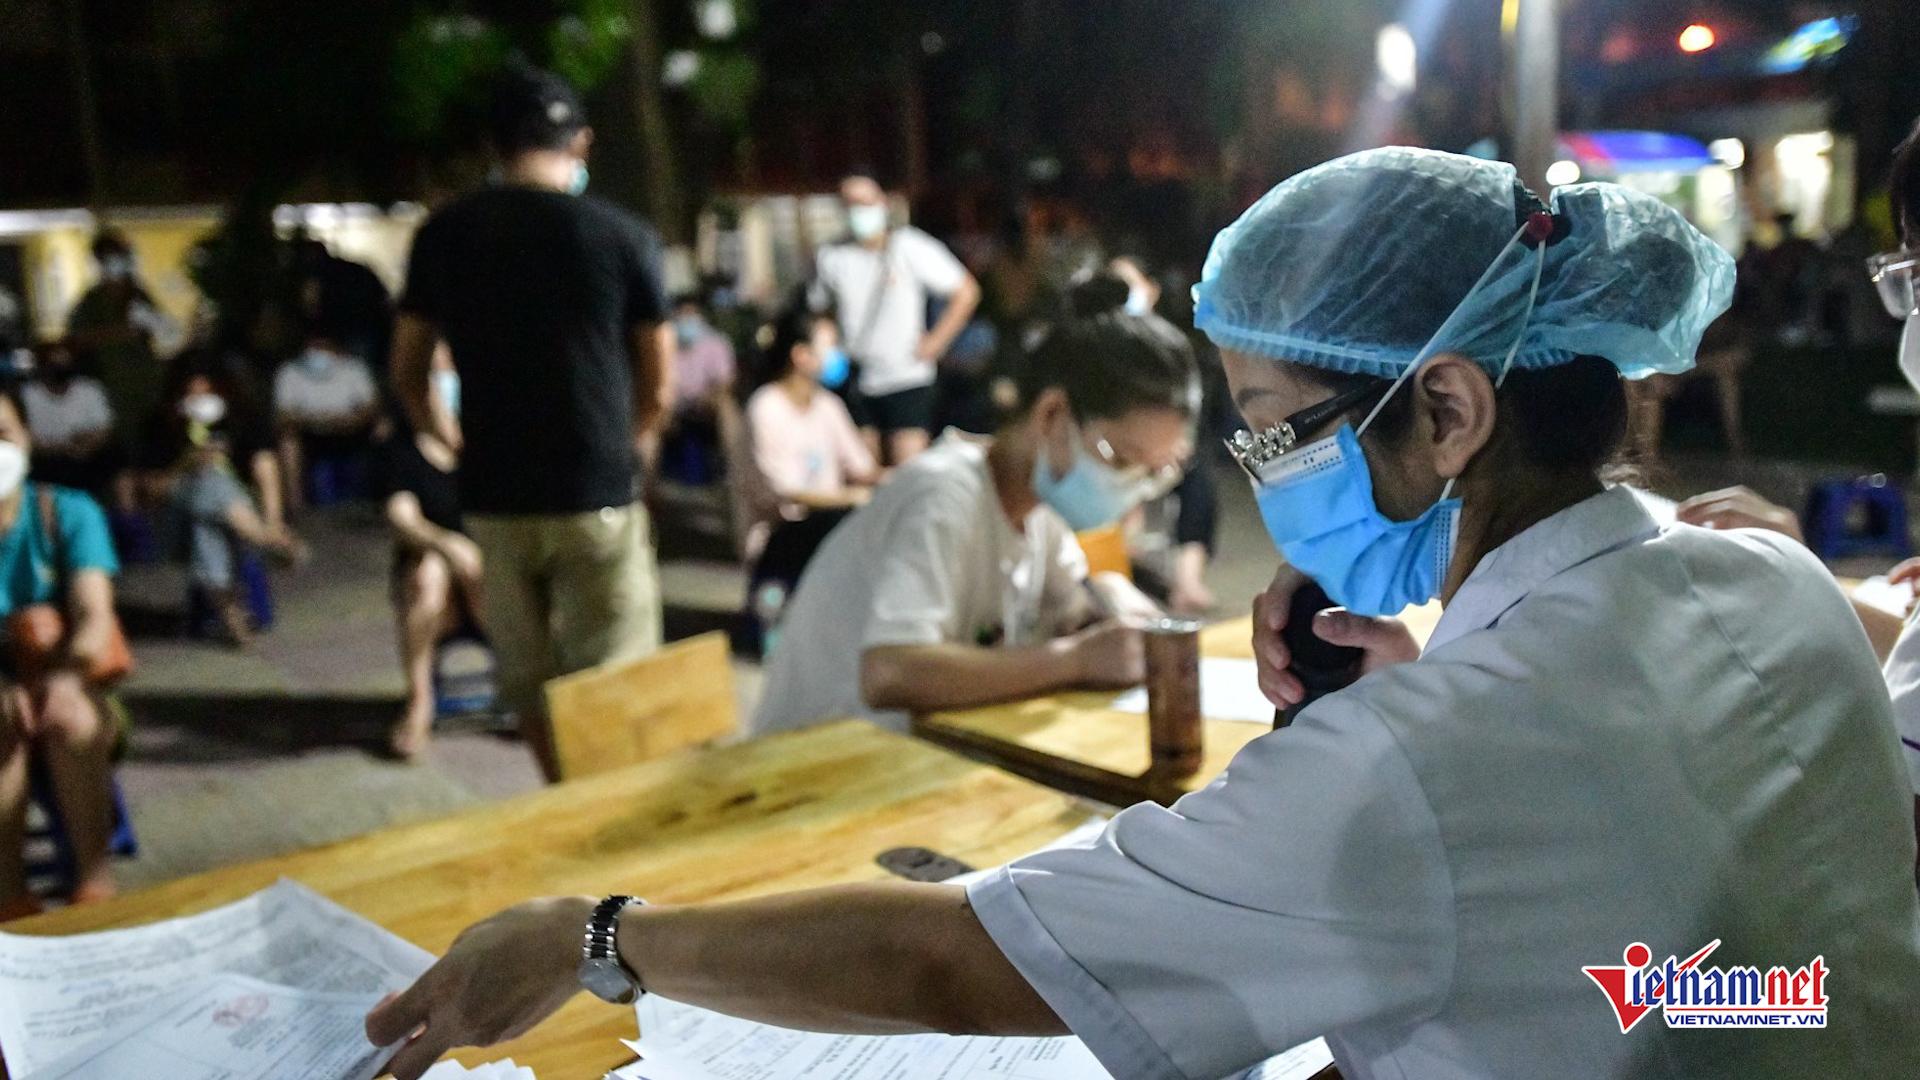 vu nguoi dan chen lan tap trung dong duc tai diem tiem vaccine yeu cau bi thu chu tich phuong rut kinh nghiem dspl 2